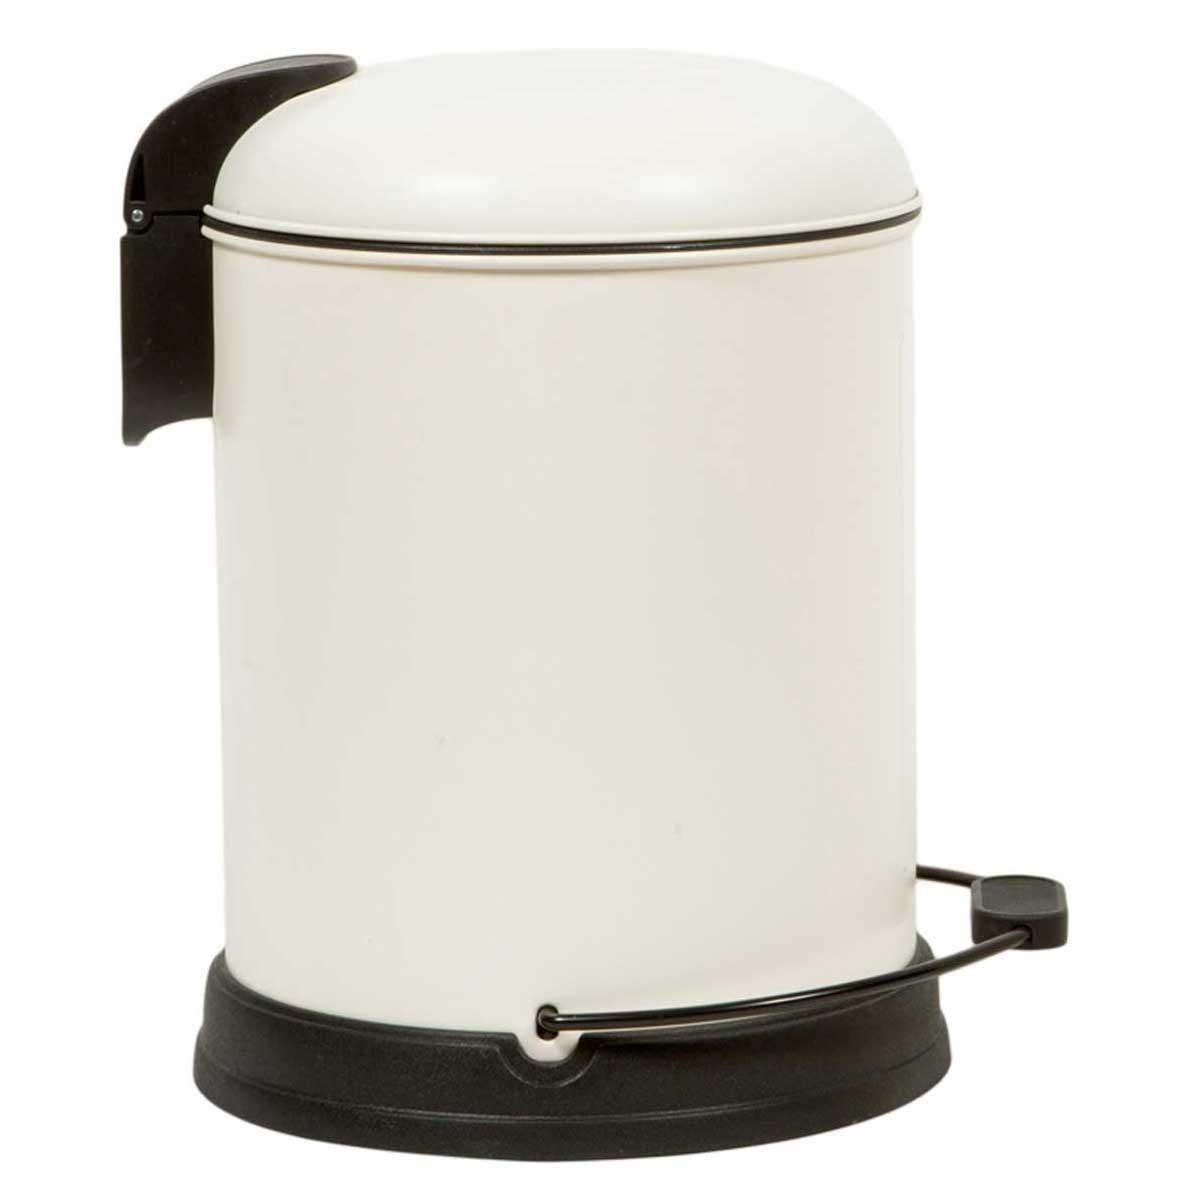 Κάδος Απορριμμάτων (24x30) Marva 5Lit Velvet Cream 779002 home   μπάνιο   κάδοι απορριμμάτων